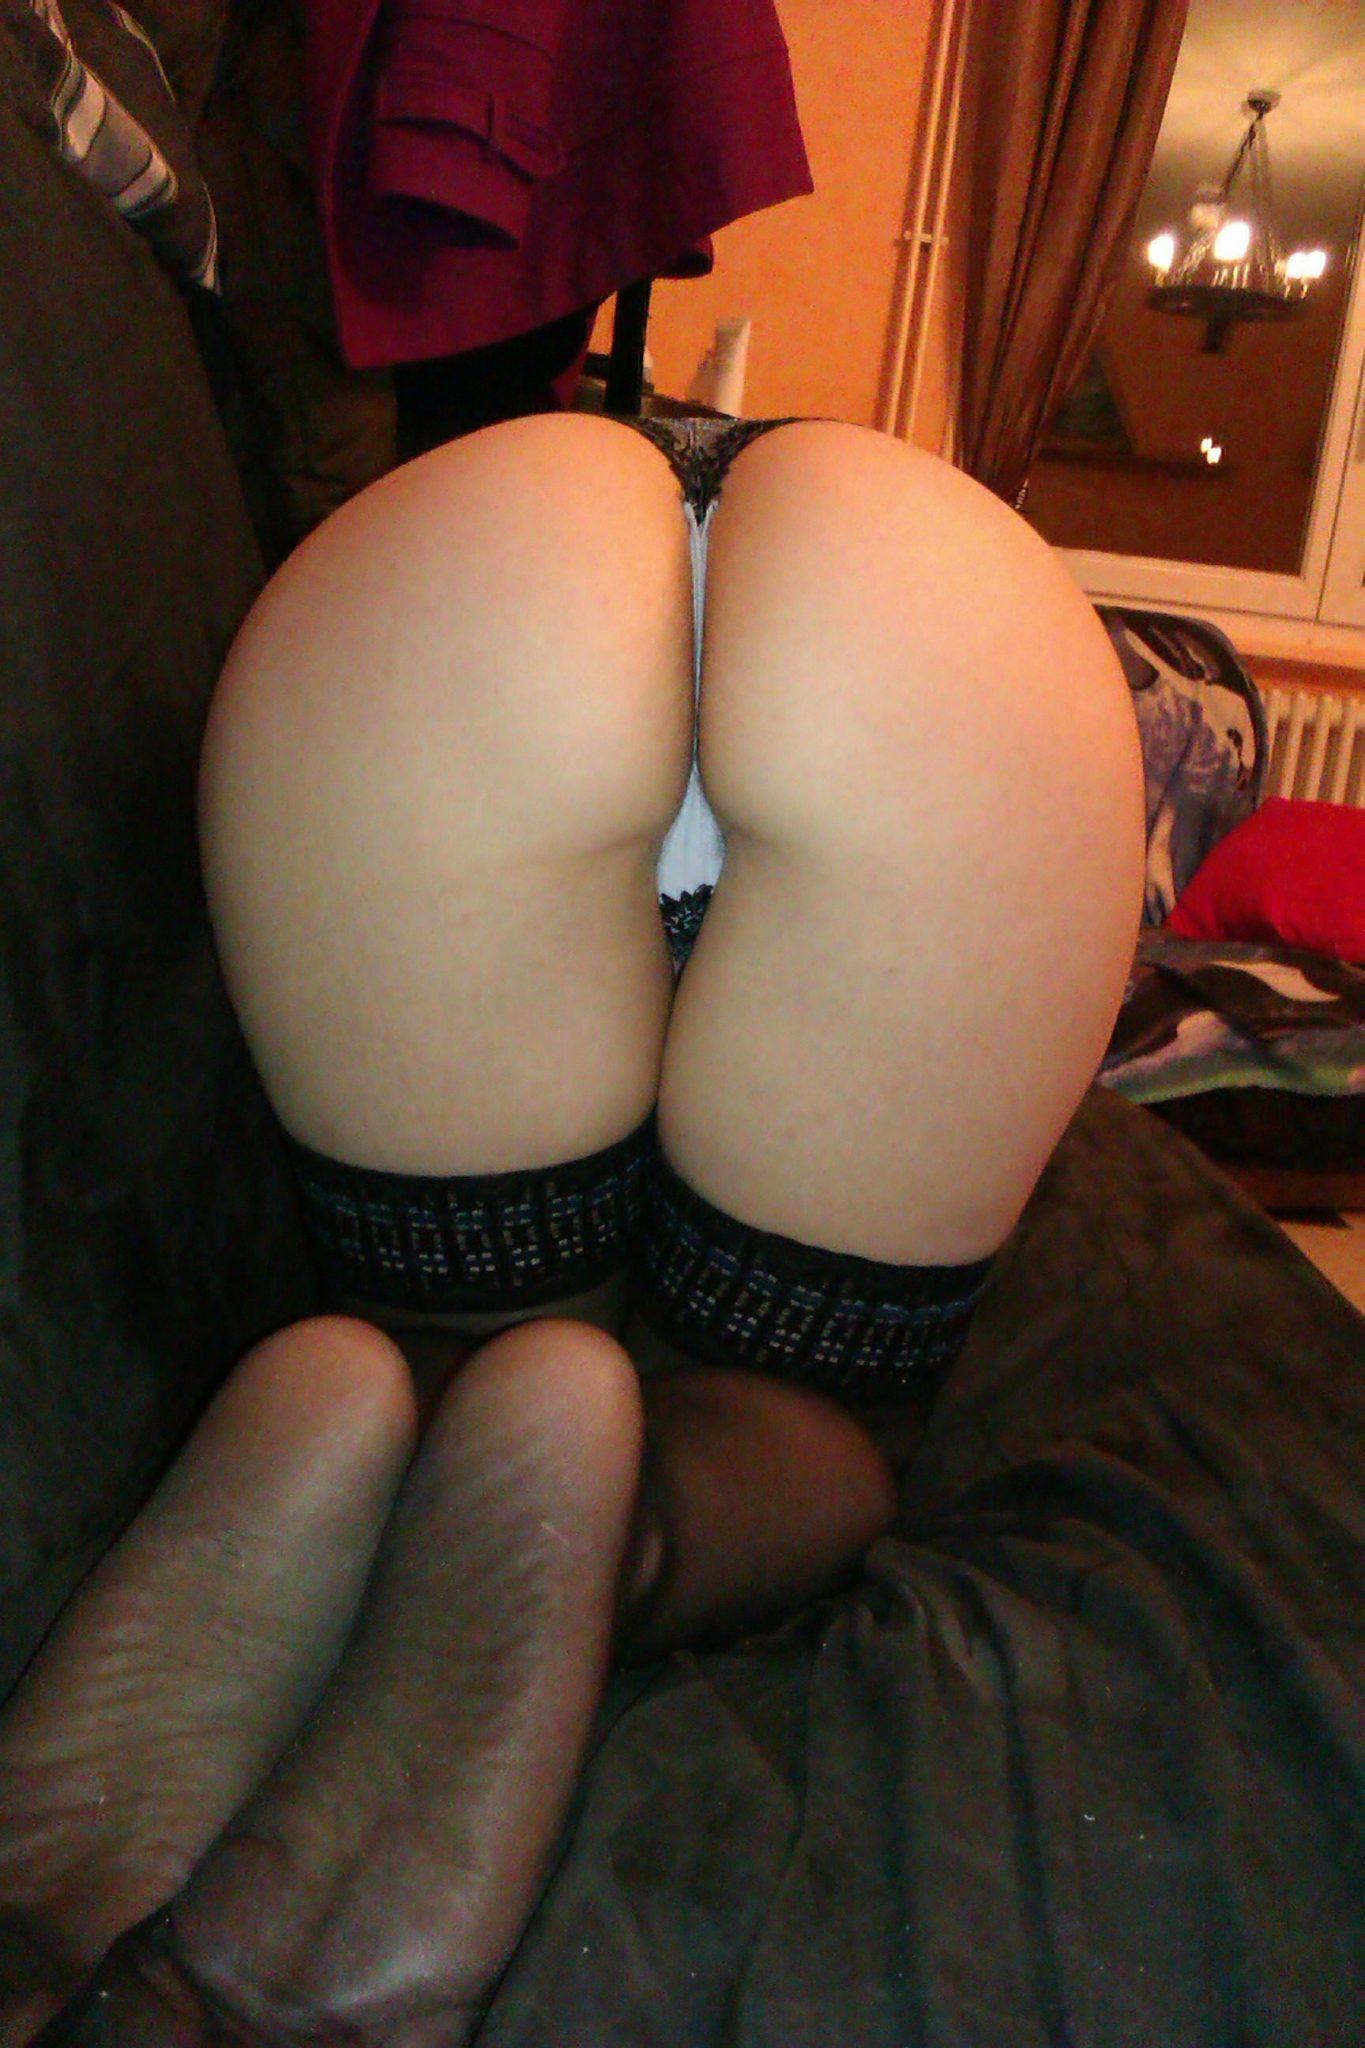 Un mari reserve une surprise a sa femme - 3 6